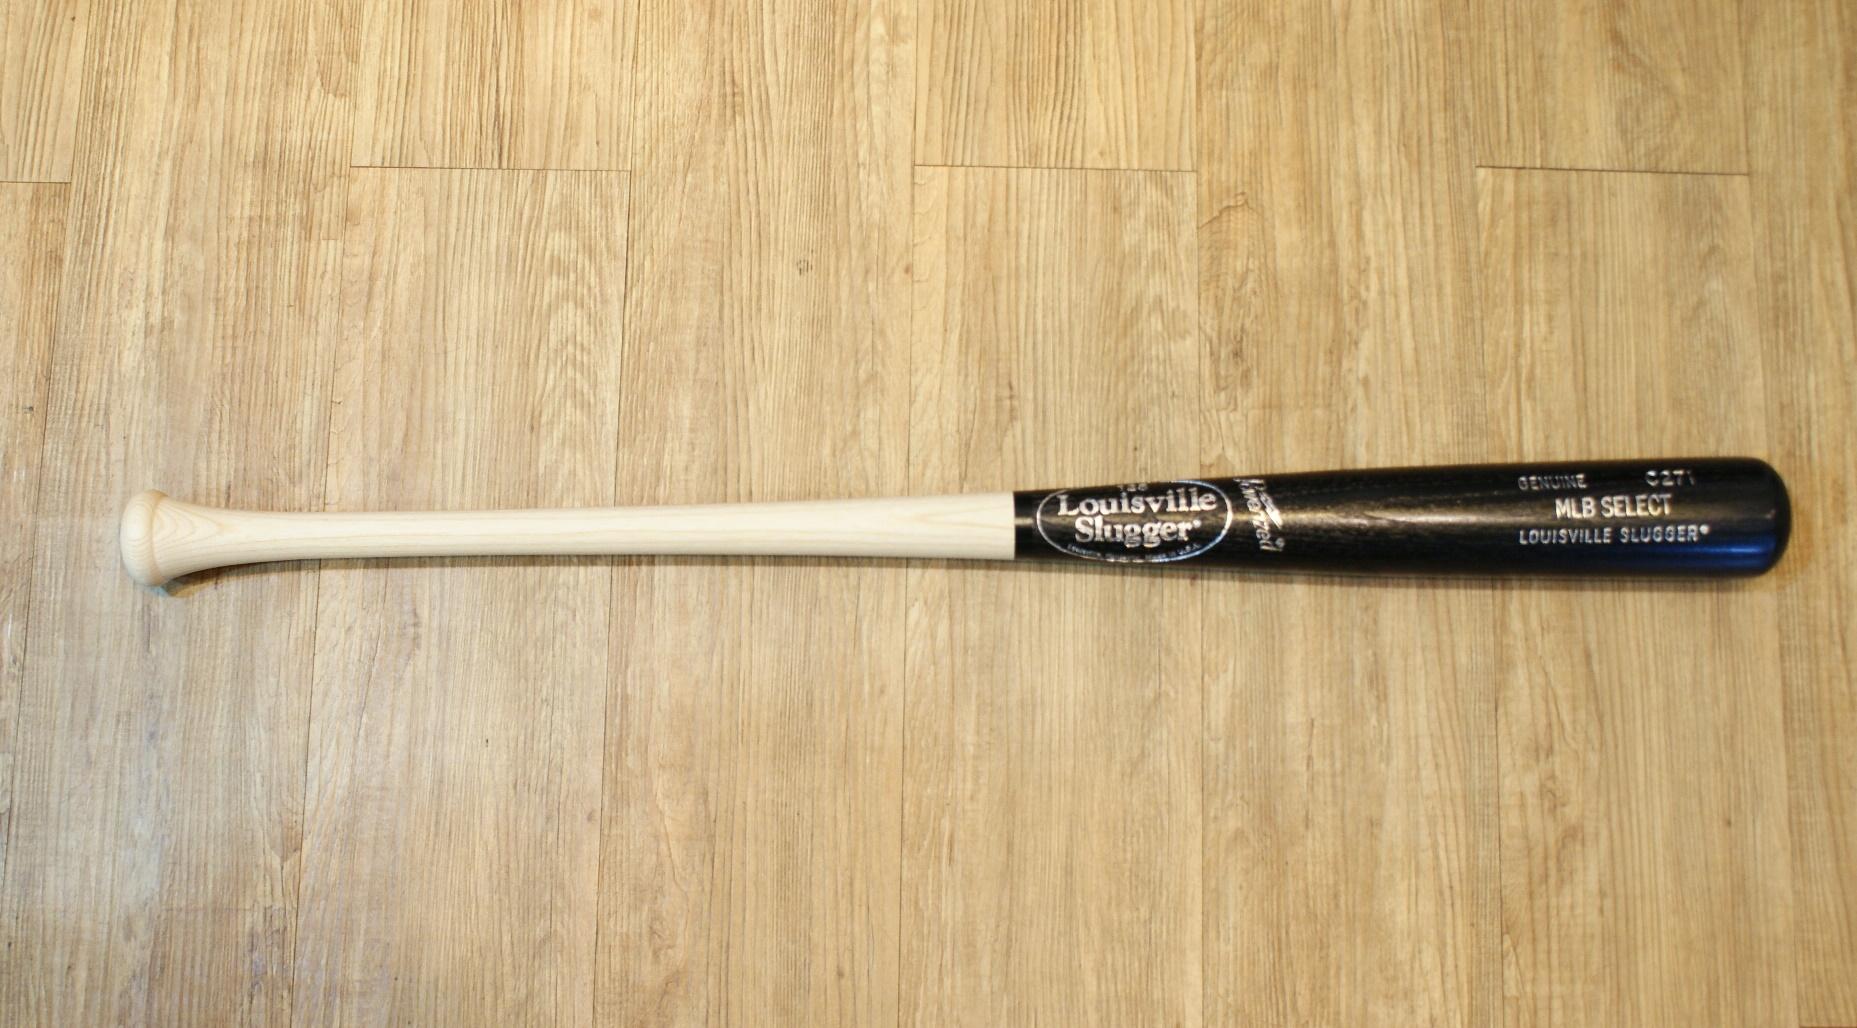 棒球世界 Louisville路易斯威爾 進口select C271白樺木棒球棒 特價